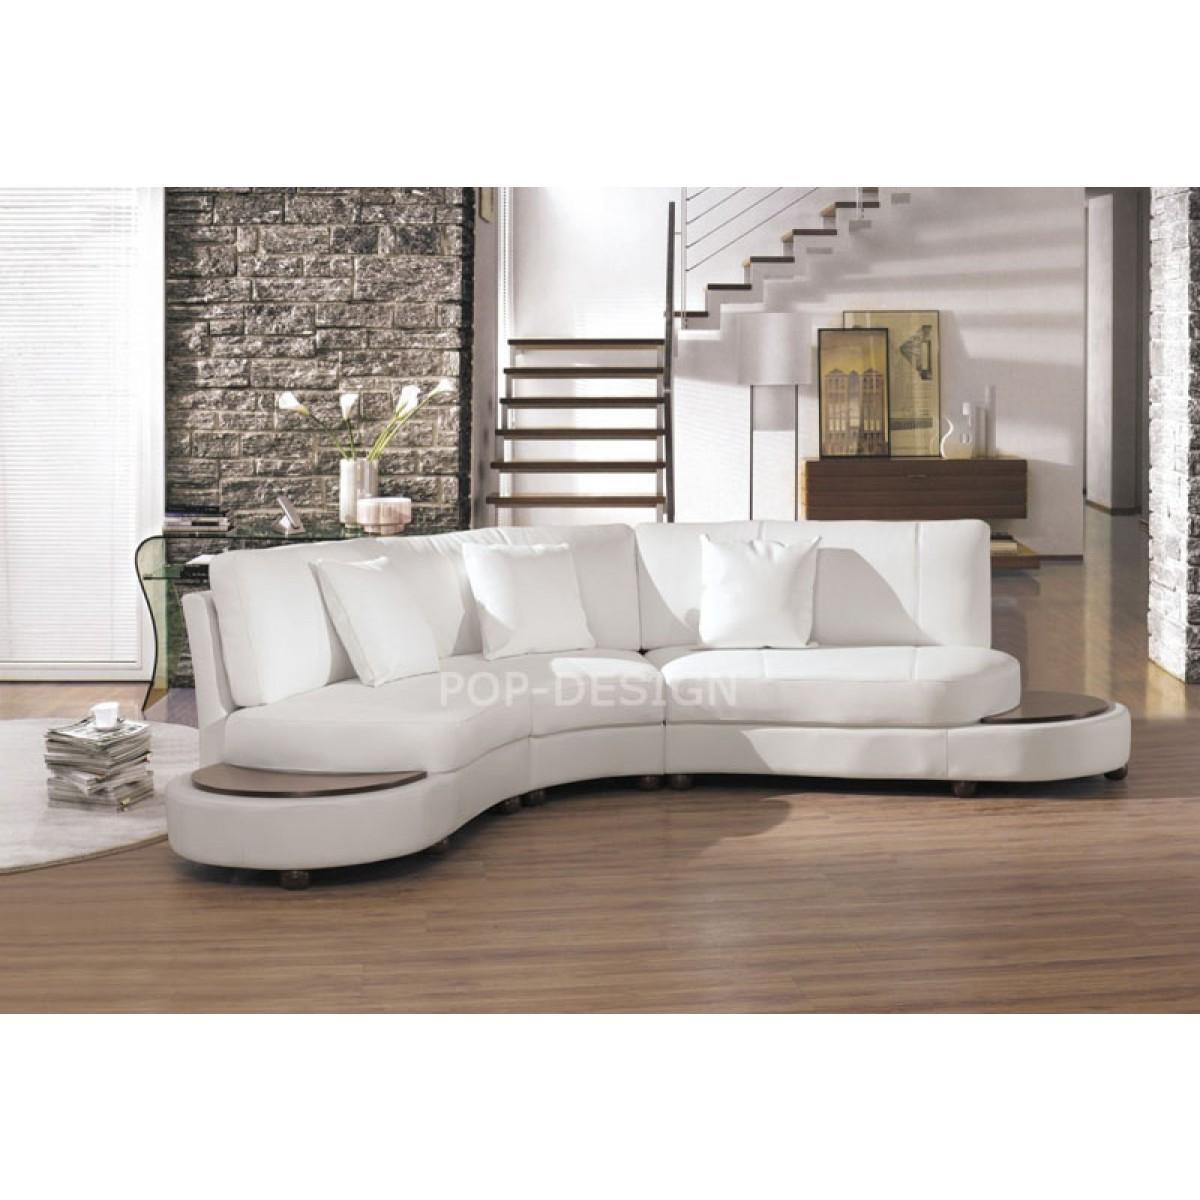 plus de photos 098f9 7bb08 Canapé design demi lune en cuir Foggia | pop-design.fr